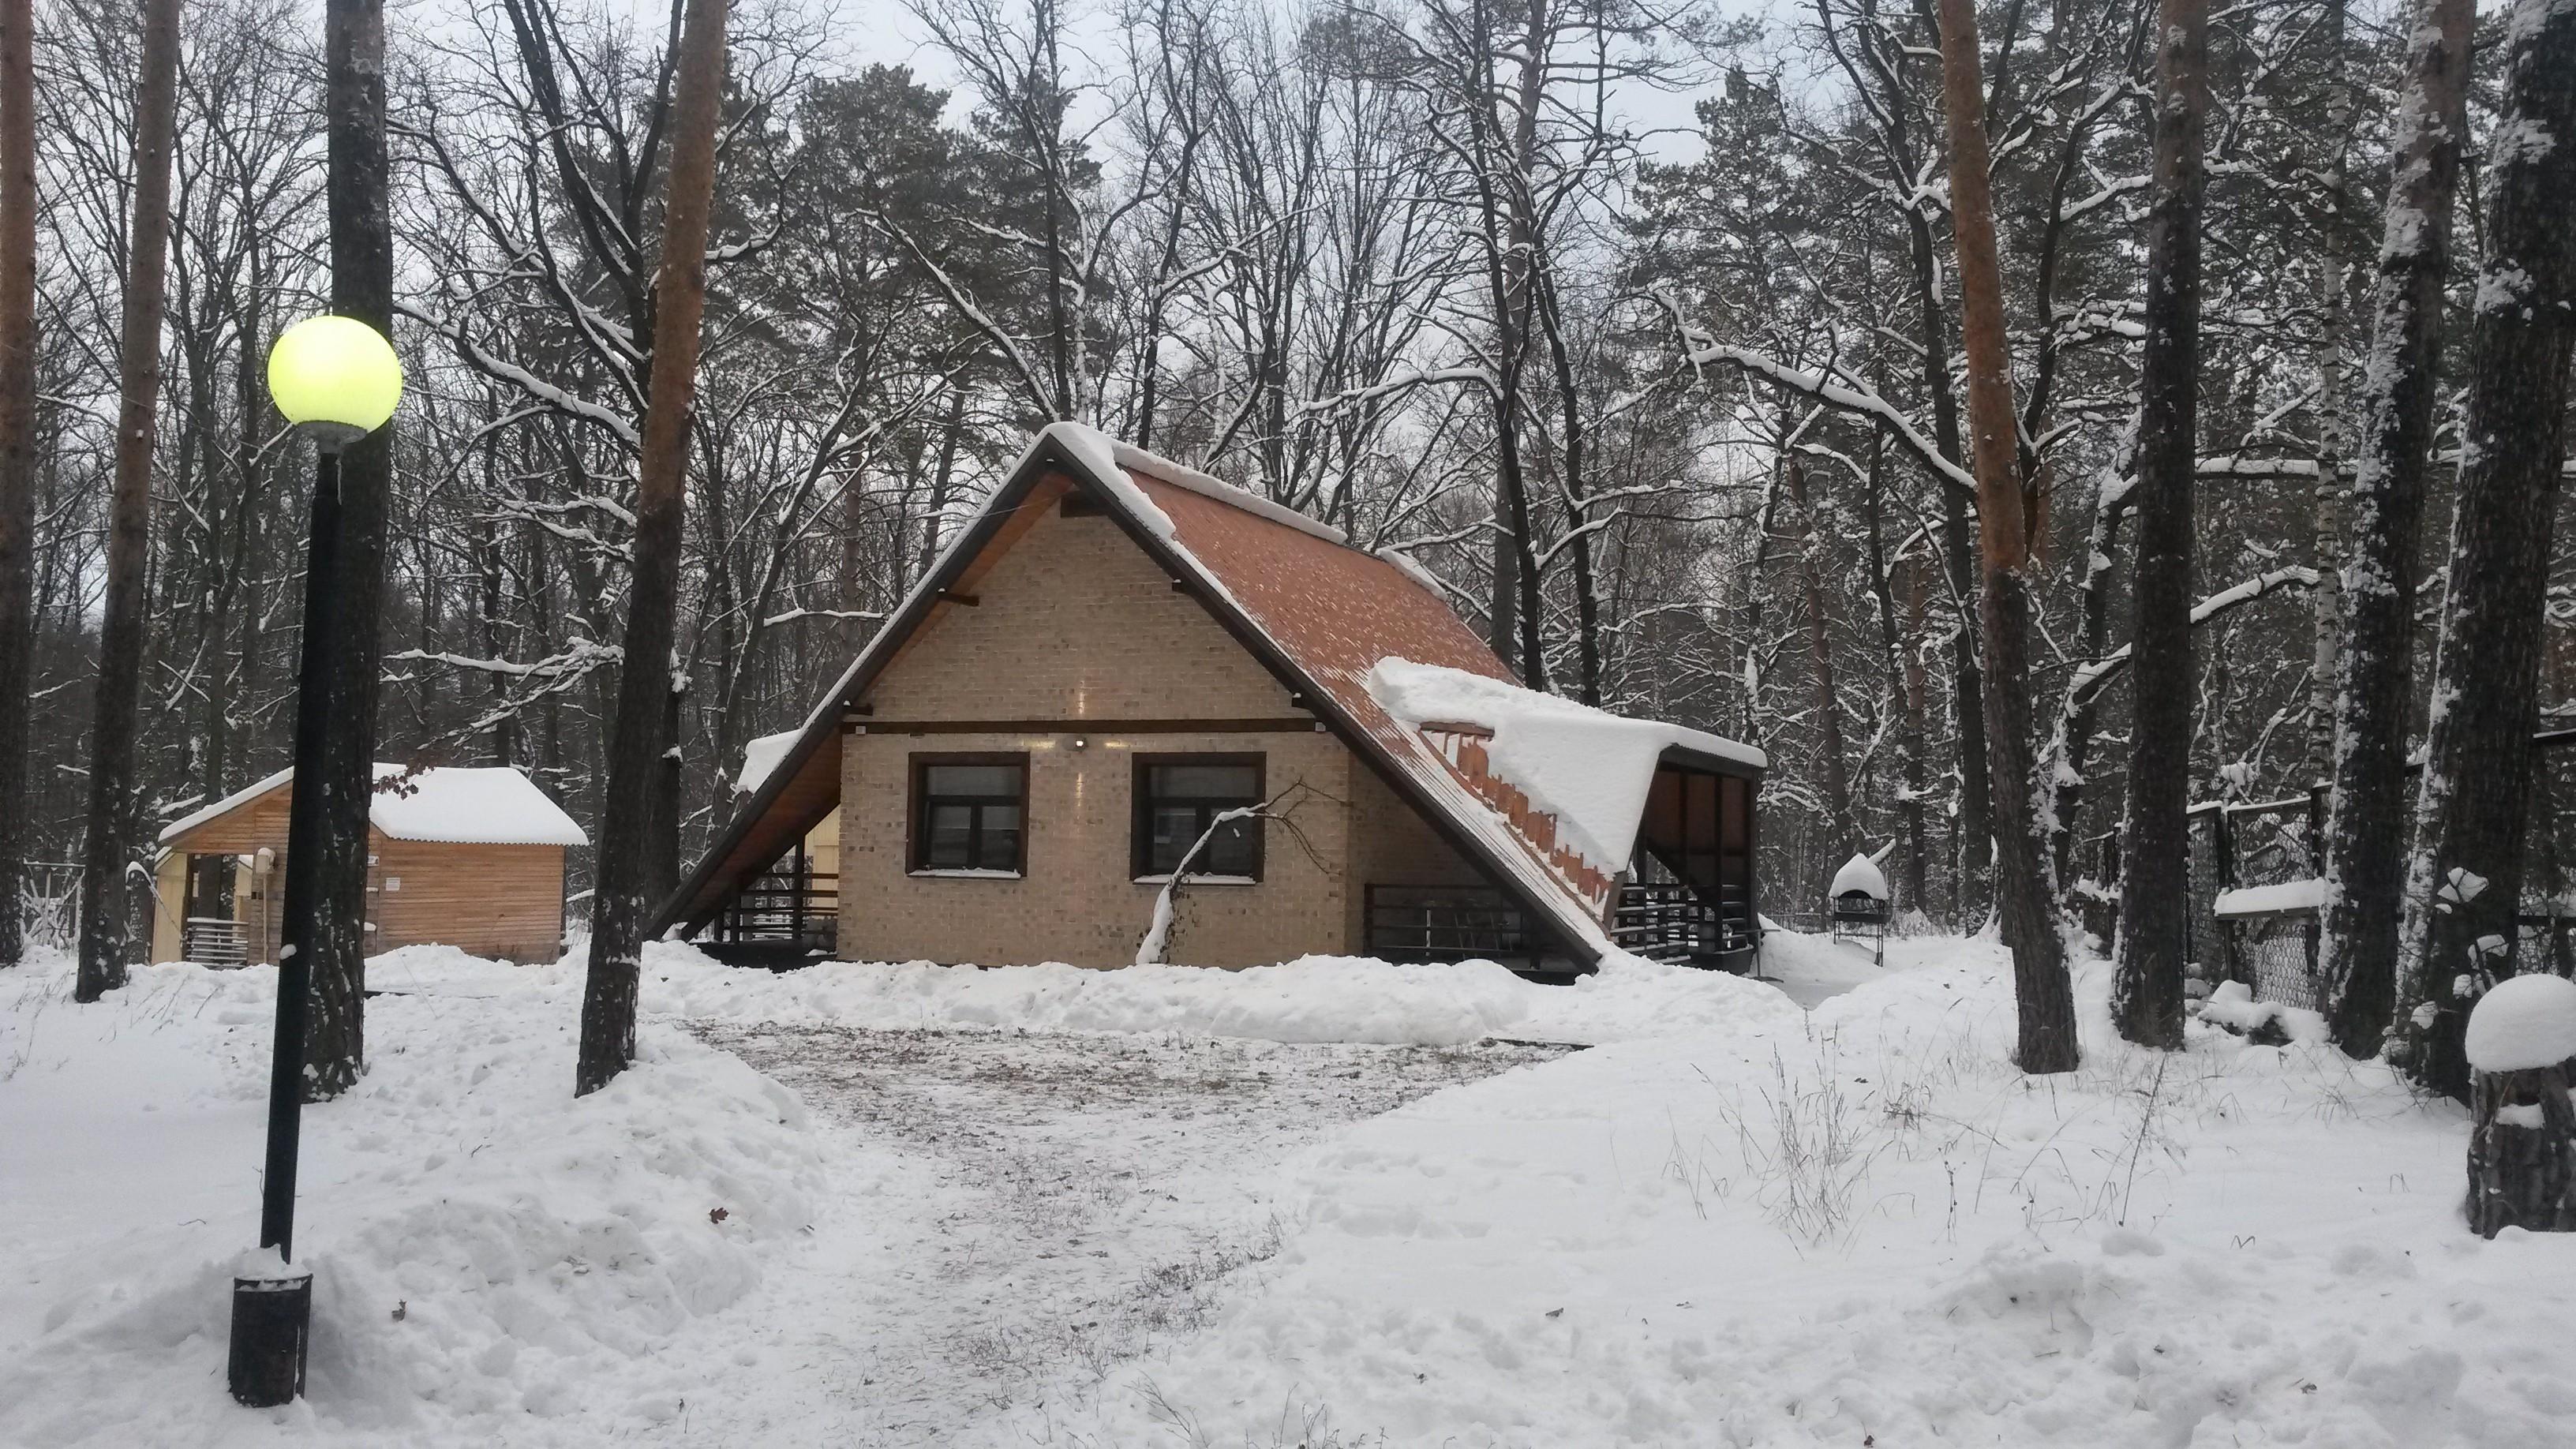 видите, турбаза лесная сказка воронеж фото зима карты метафорические